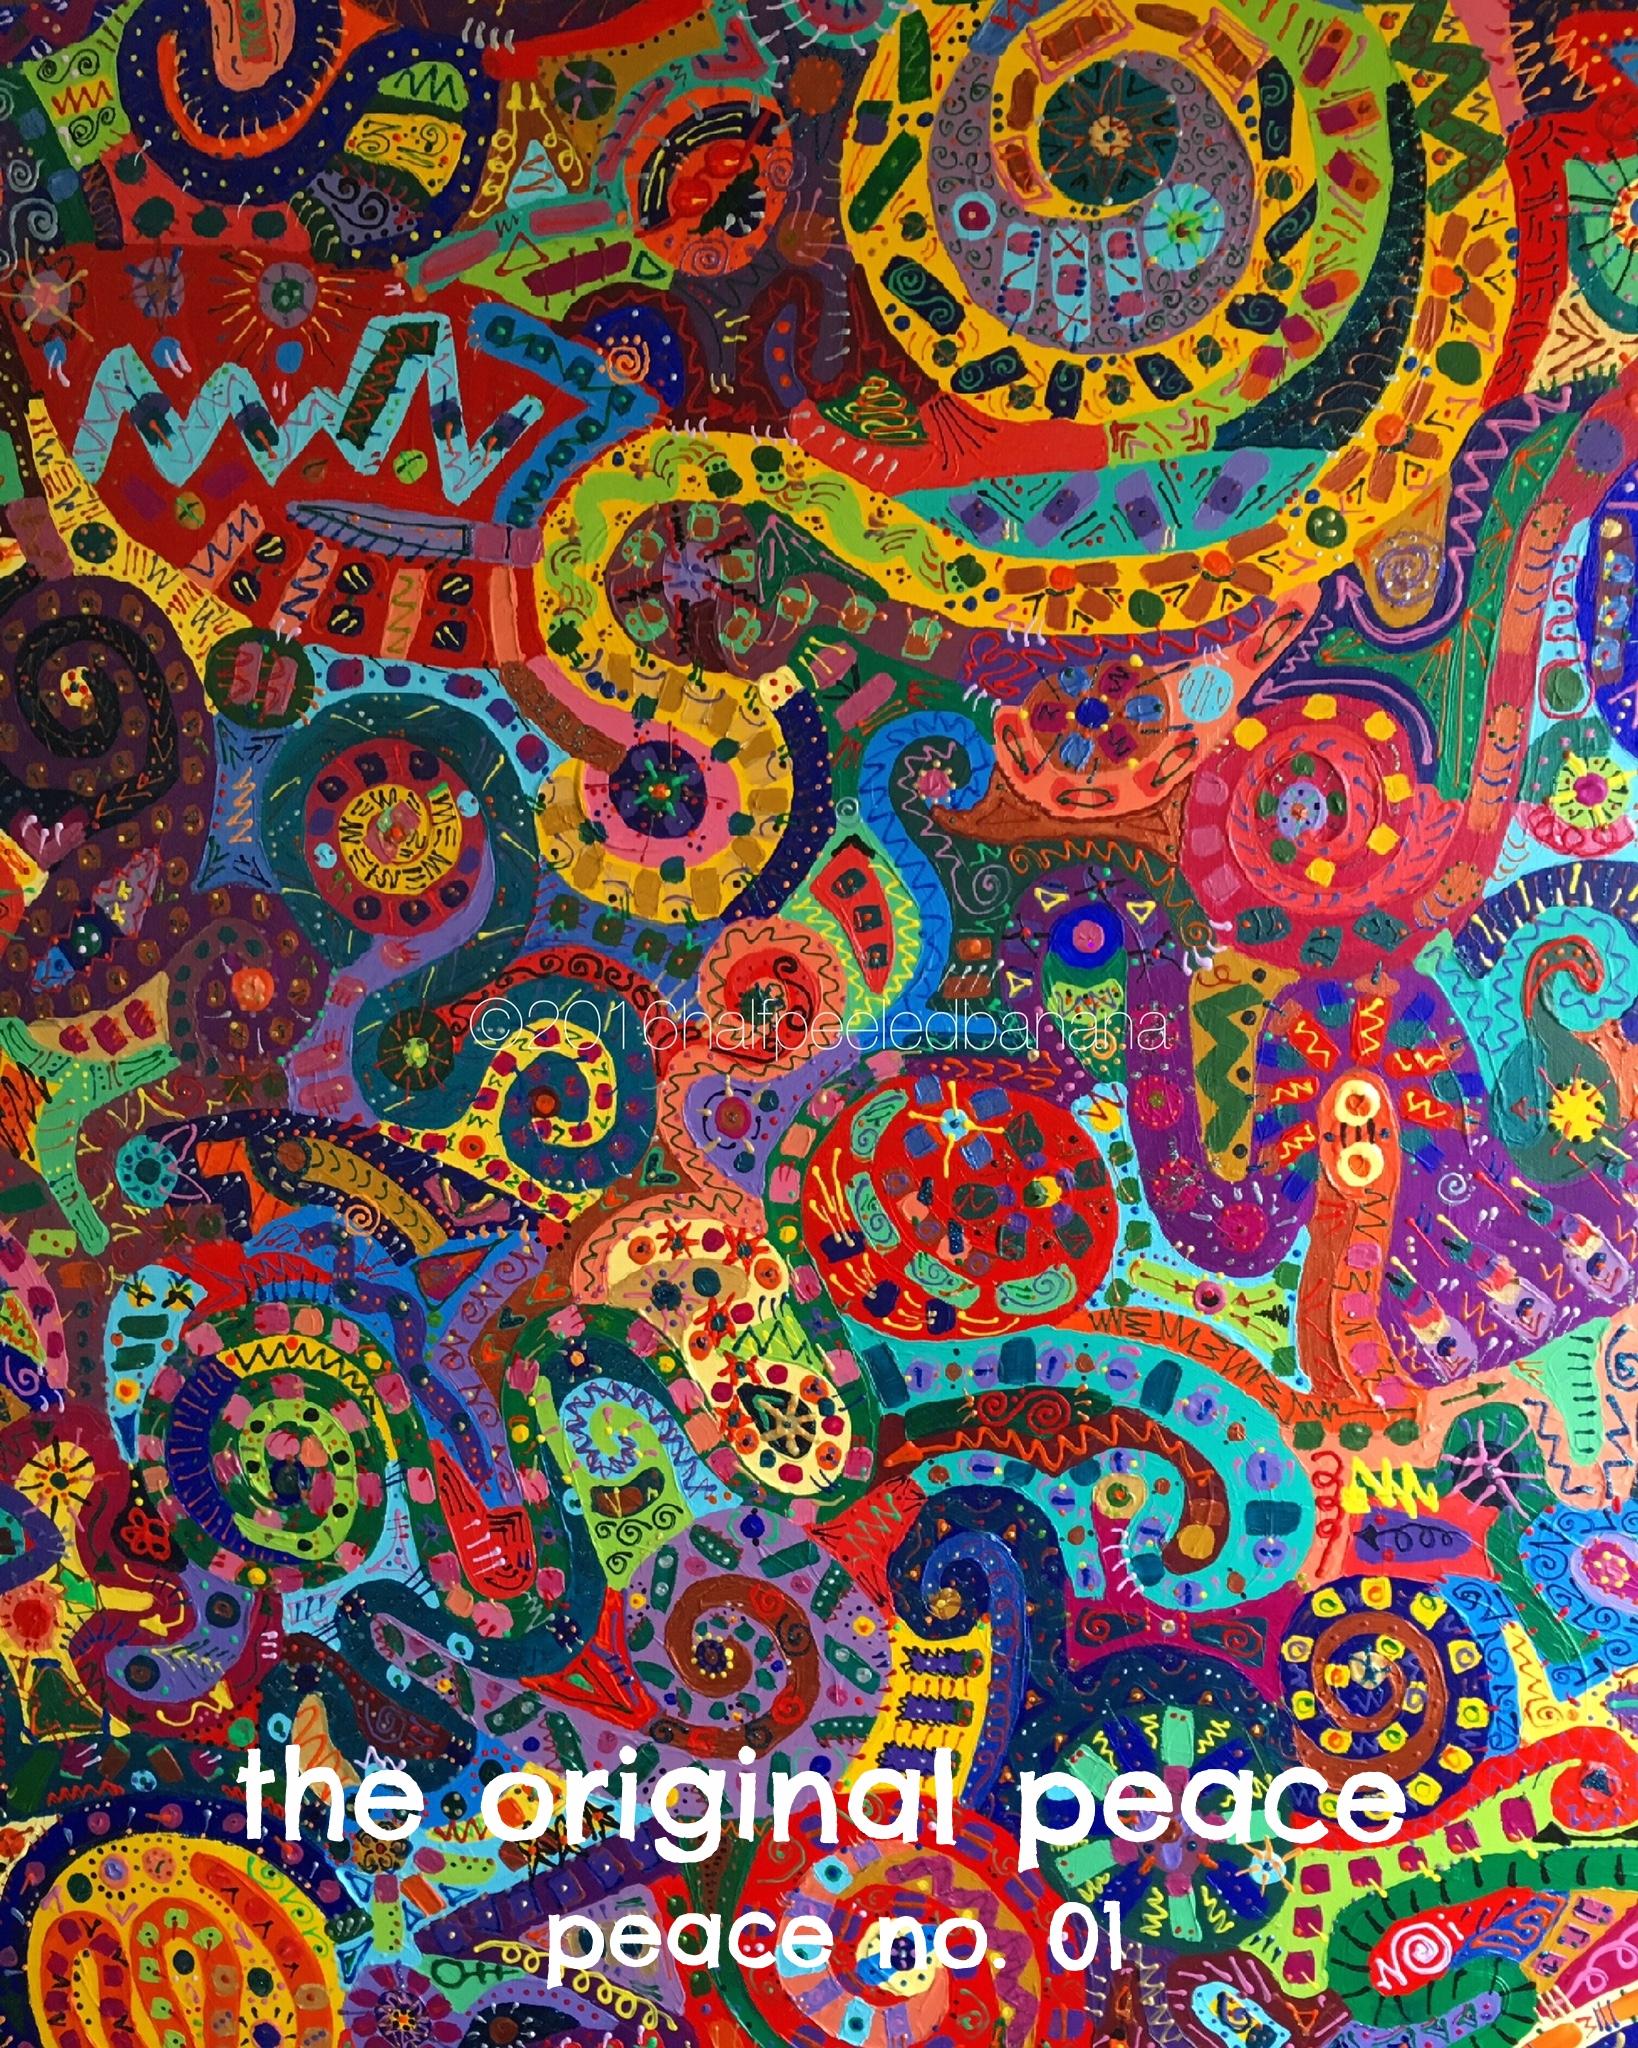 the original peace - peace print no. 01